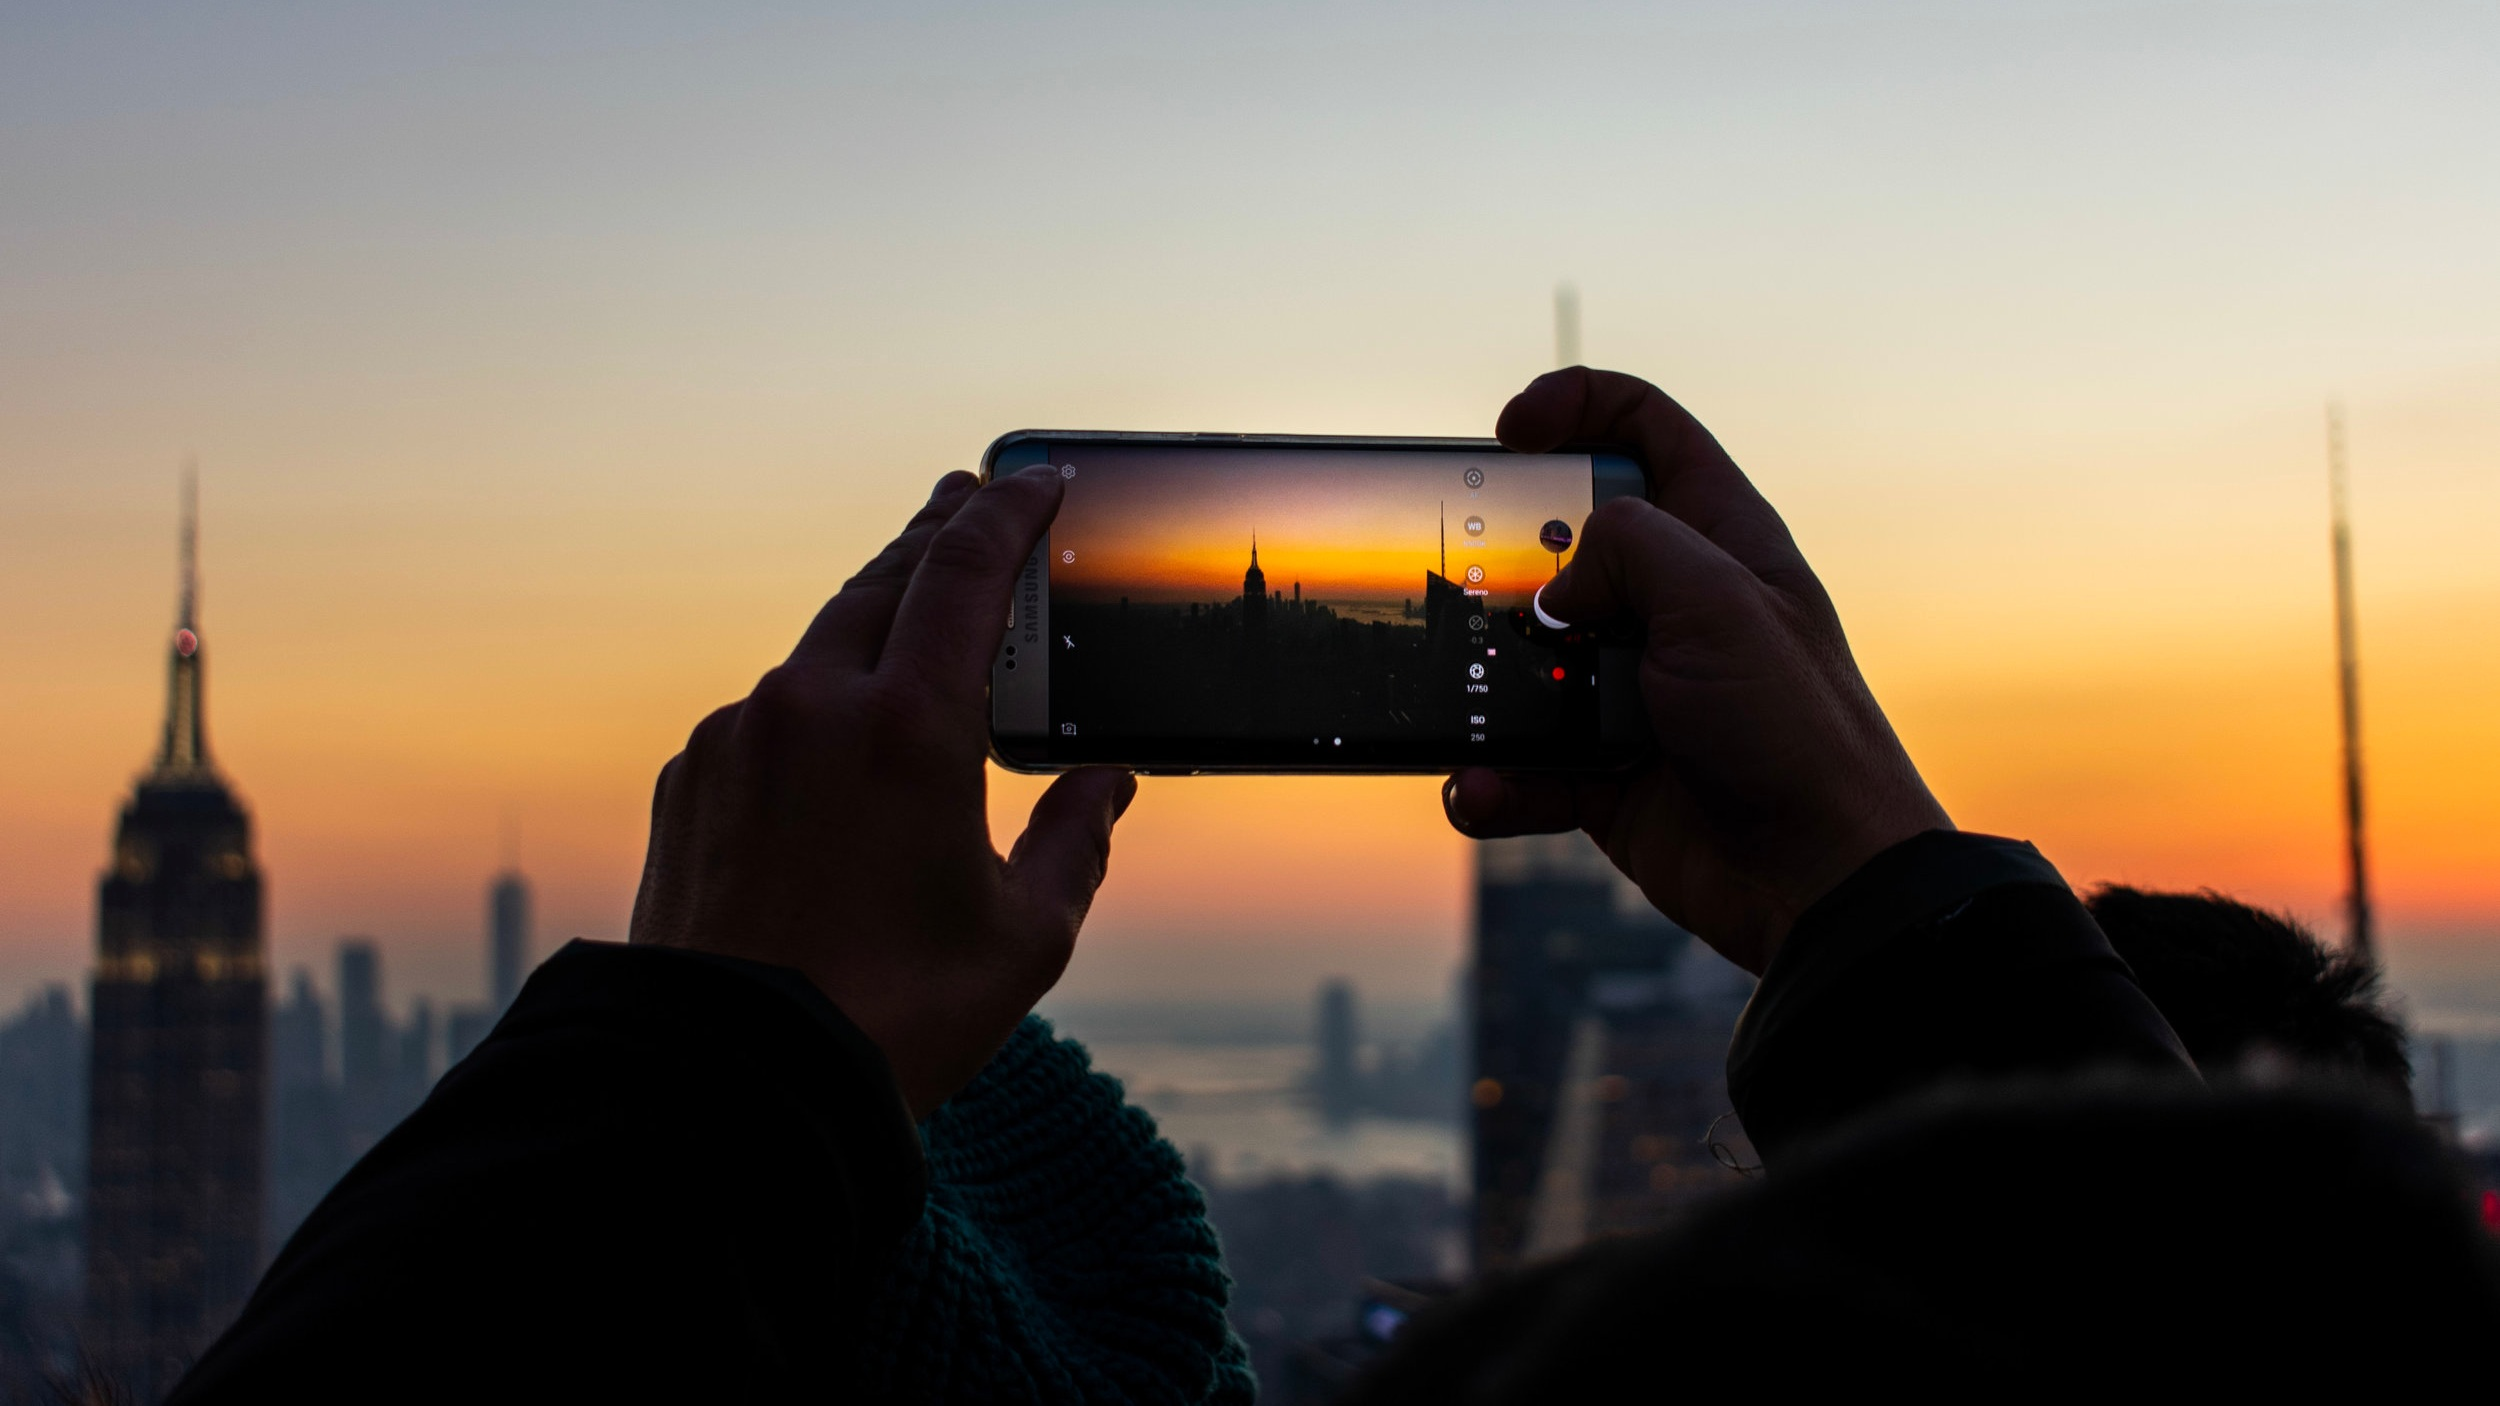 Top of the rock Stadens bästa utsikt - Utsiktsvångarna på toppen av Rockerfeller Center, Top of the Rock, ger dig förmodligen New Yorks häftigaste upplevelse när det kommer till utsikt. Observationsplanet finns i tre olika våningar där den högsta är utomhus och ger dig utsikt mot förtrollande Central Park i norr och Empire State Building i söder. Ett liknande alternativ är One World Observatory - den utsiktsplatsen är belägen där tvillingtornen stod och ger dig en fantastisk utsikt på 380 meters höjd.